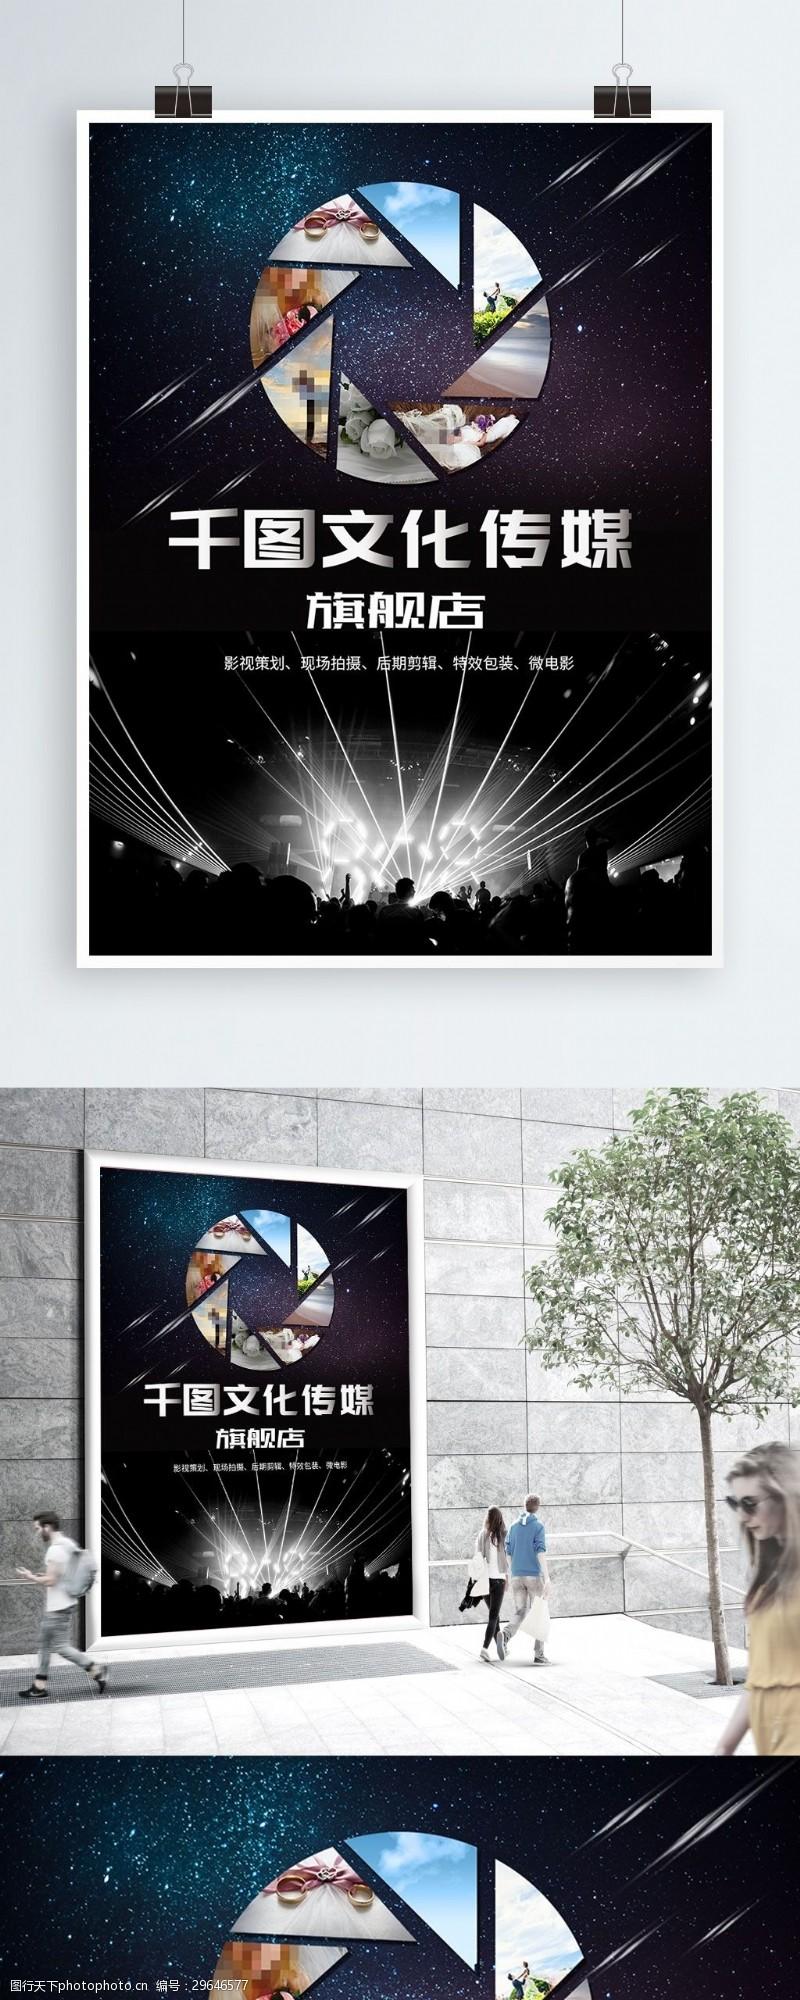 文化传媒海报